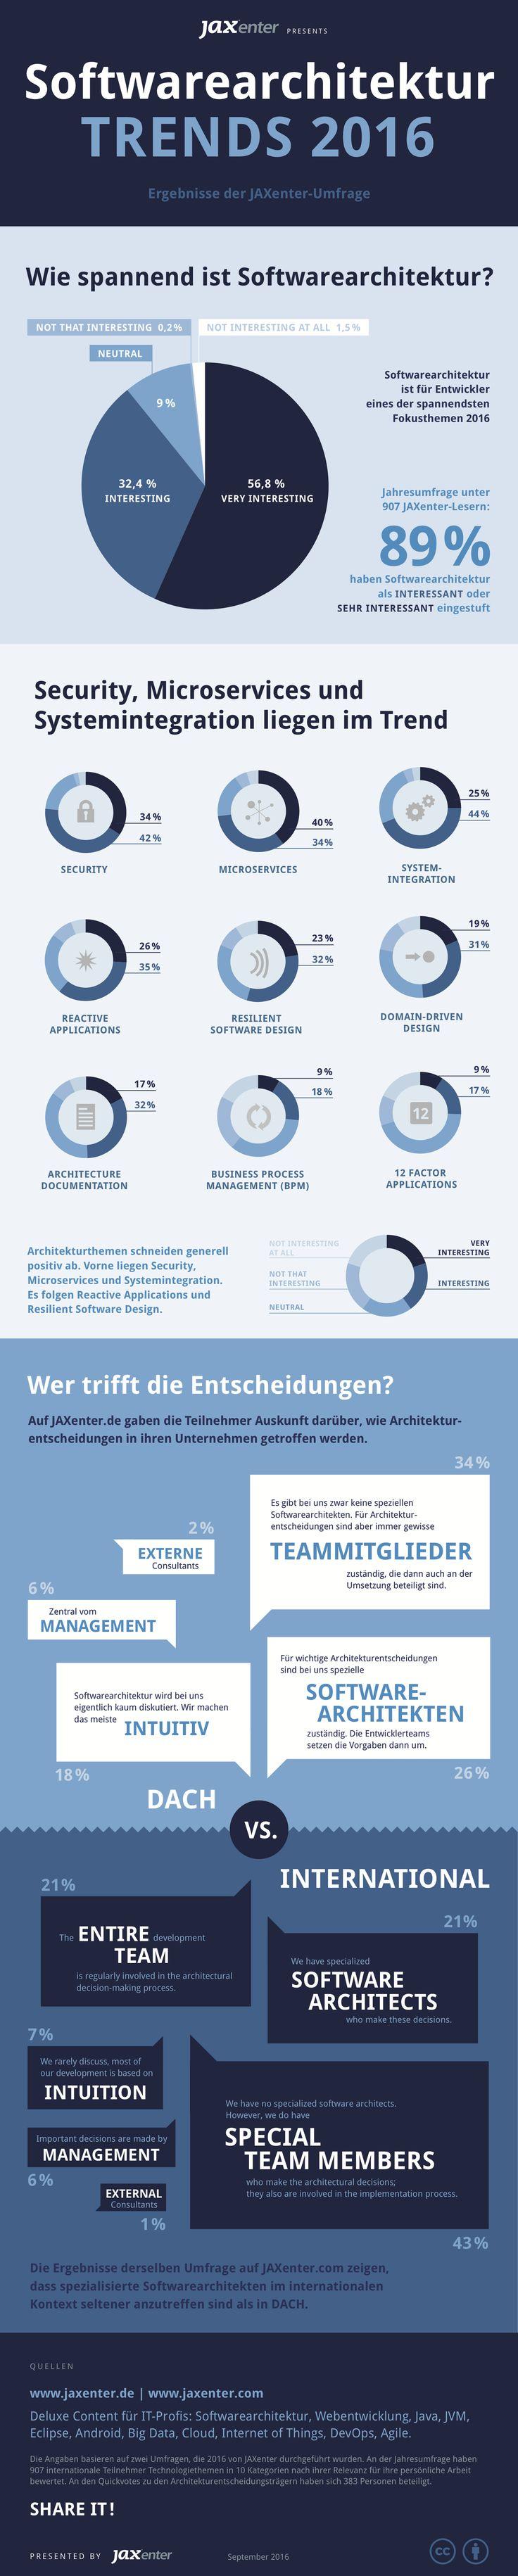 Die Ergebnisse unserer JAXenter-Umfragen zum Thema Software-Architektur haben wir für Sie in einer Infografik zusammengefast.